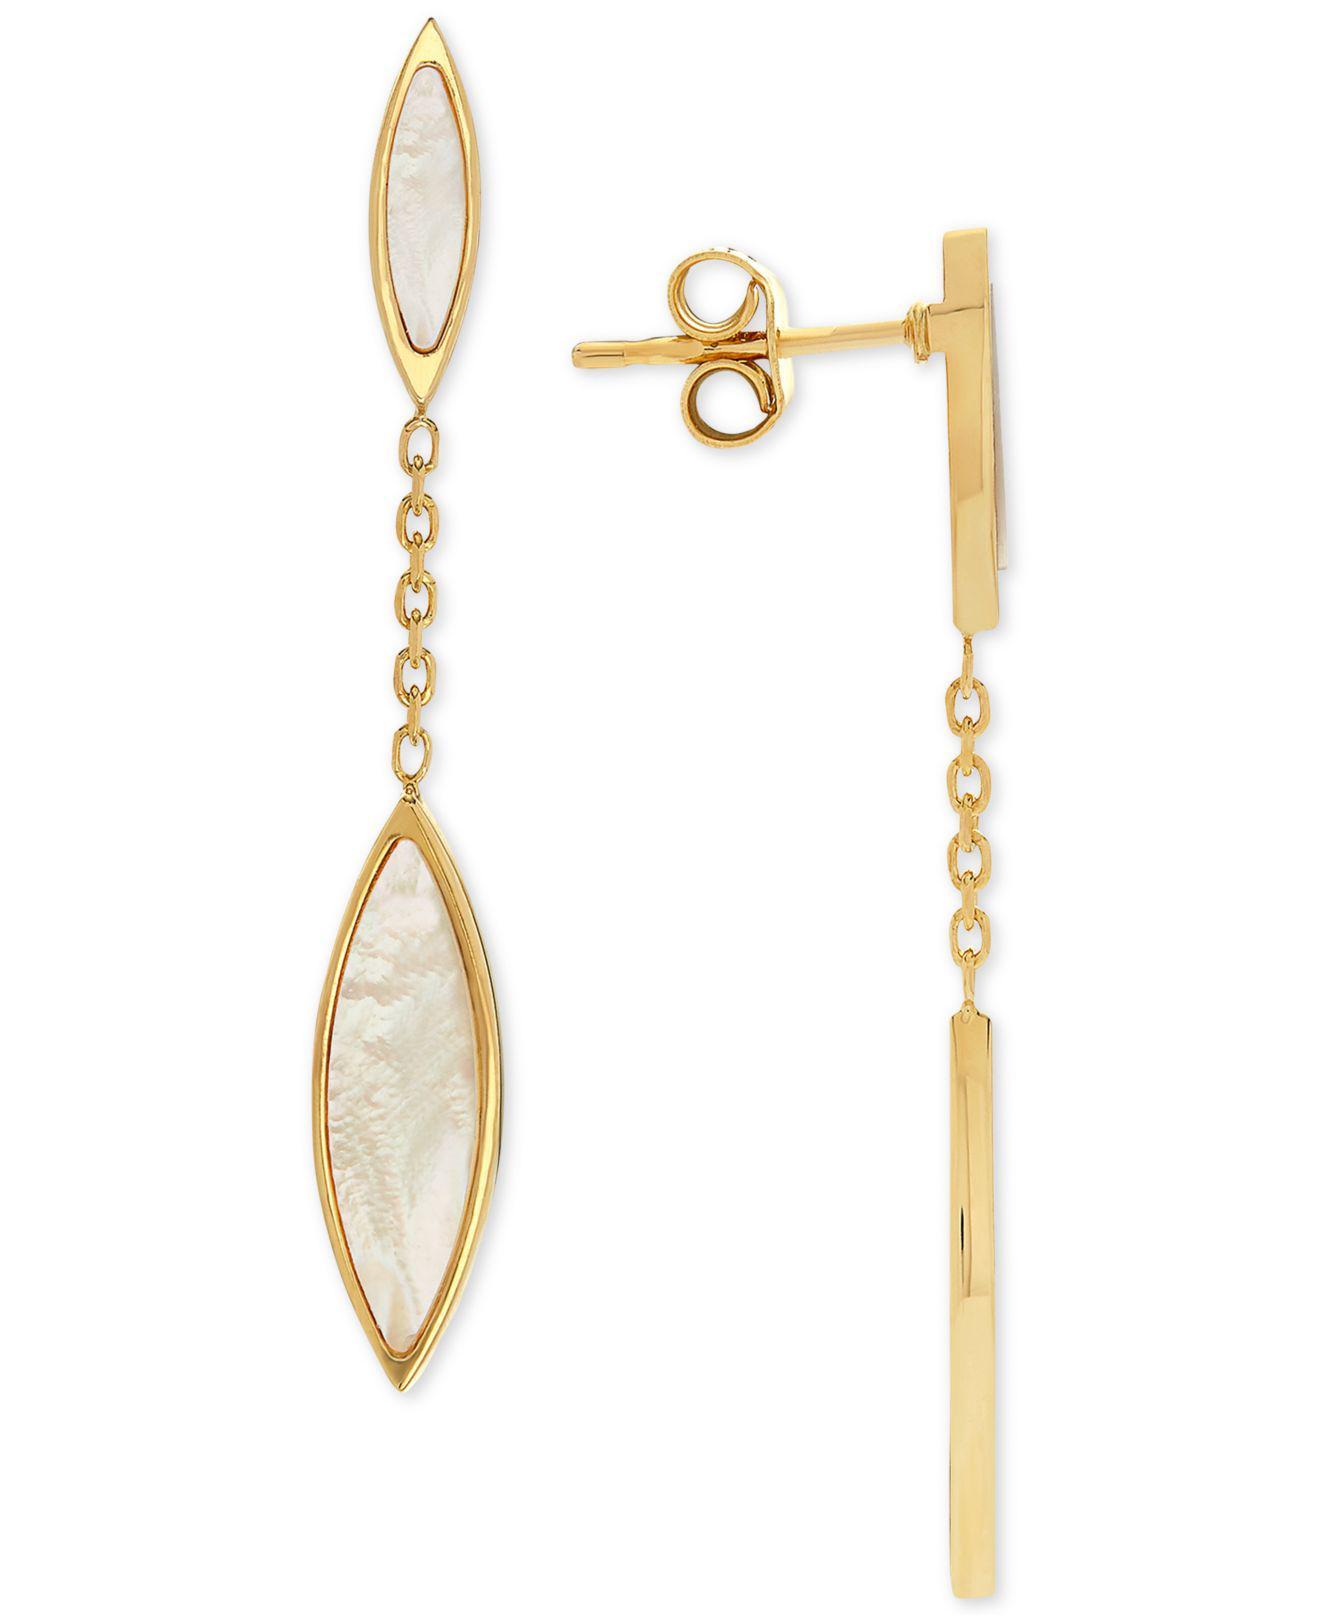 20519cec203cd Lyst - Macy's Mother-of-pearl Marquis Drop Earrings In 14k Gold in ...